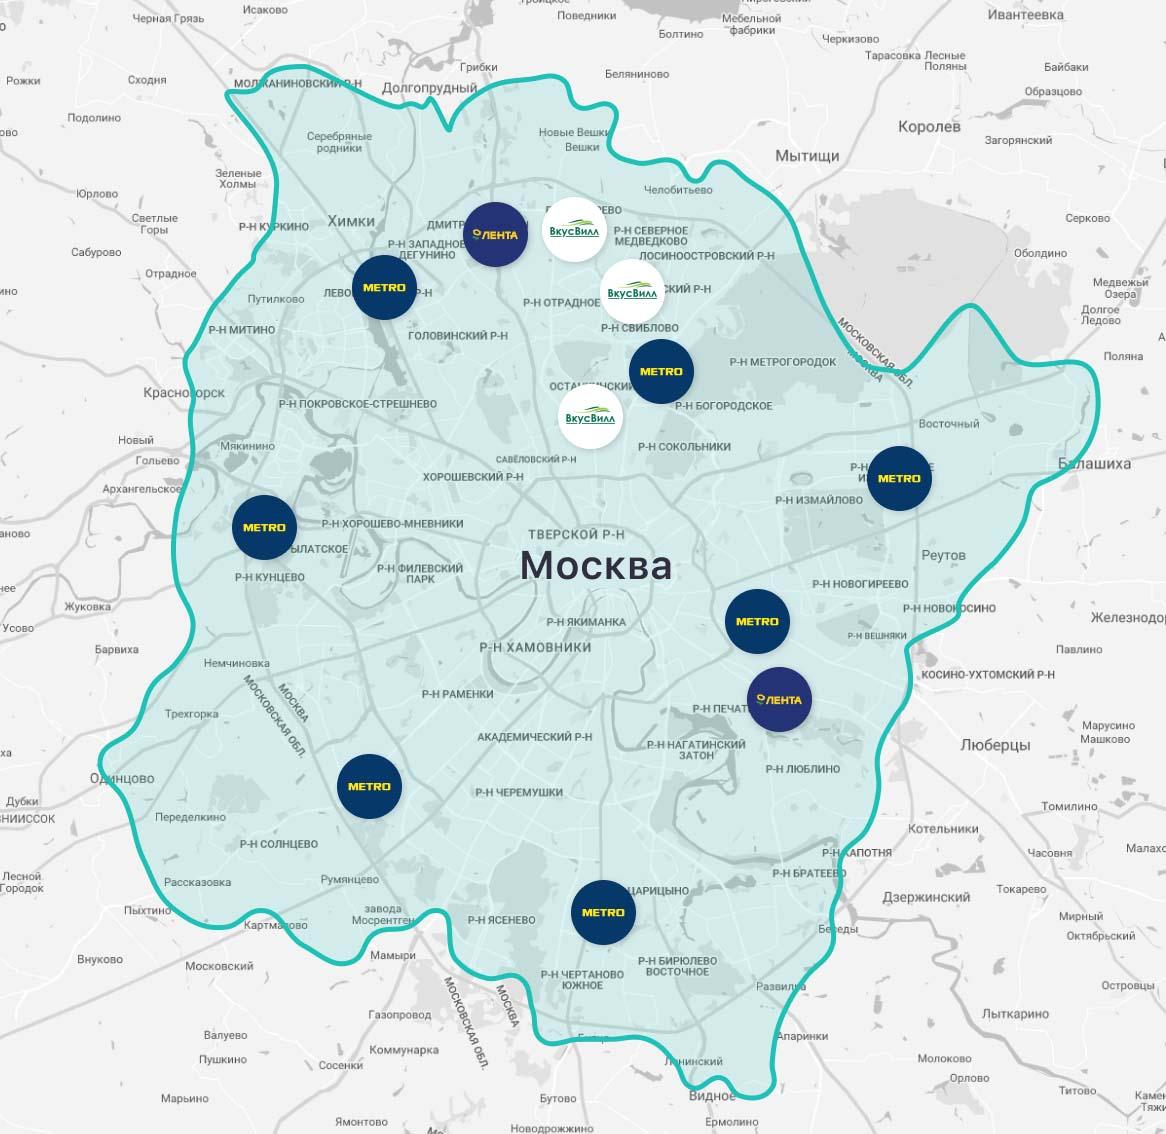 Зона доставки Метро Москва